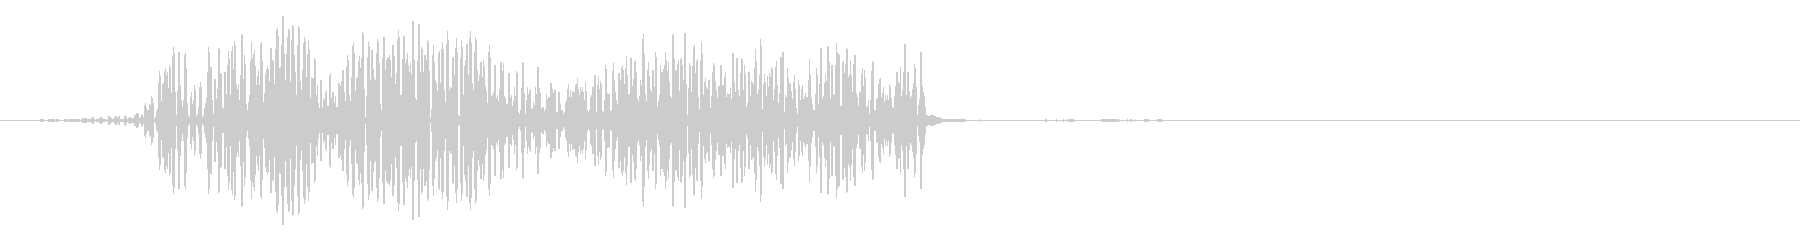 クリック音(ピュッ)の未再生の波形